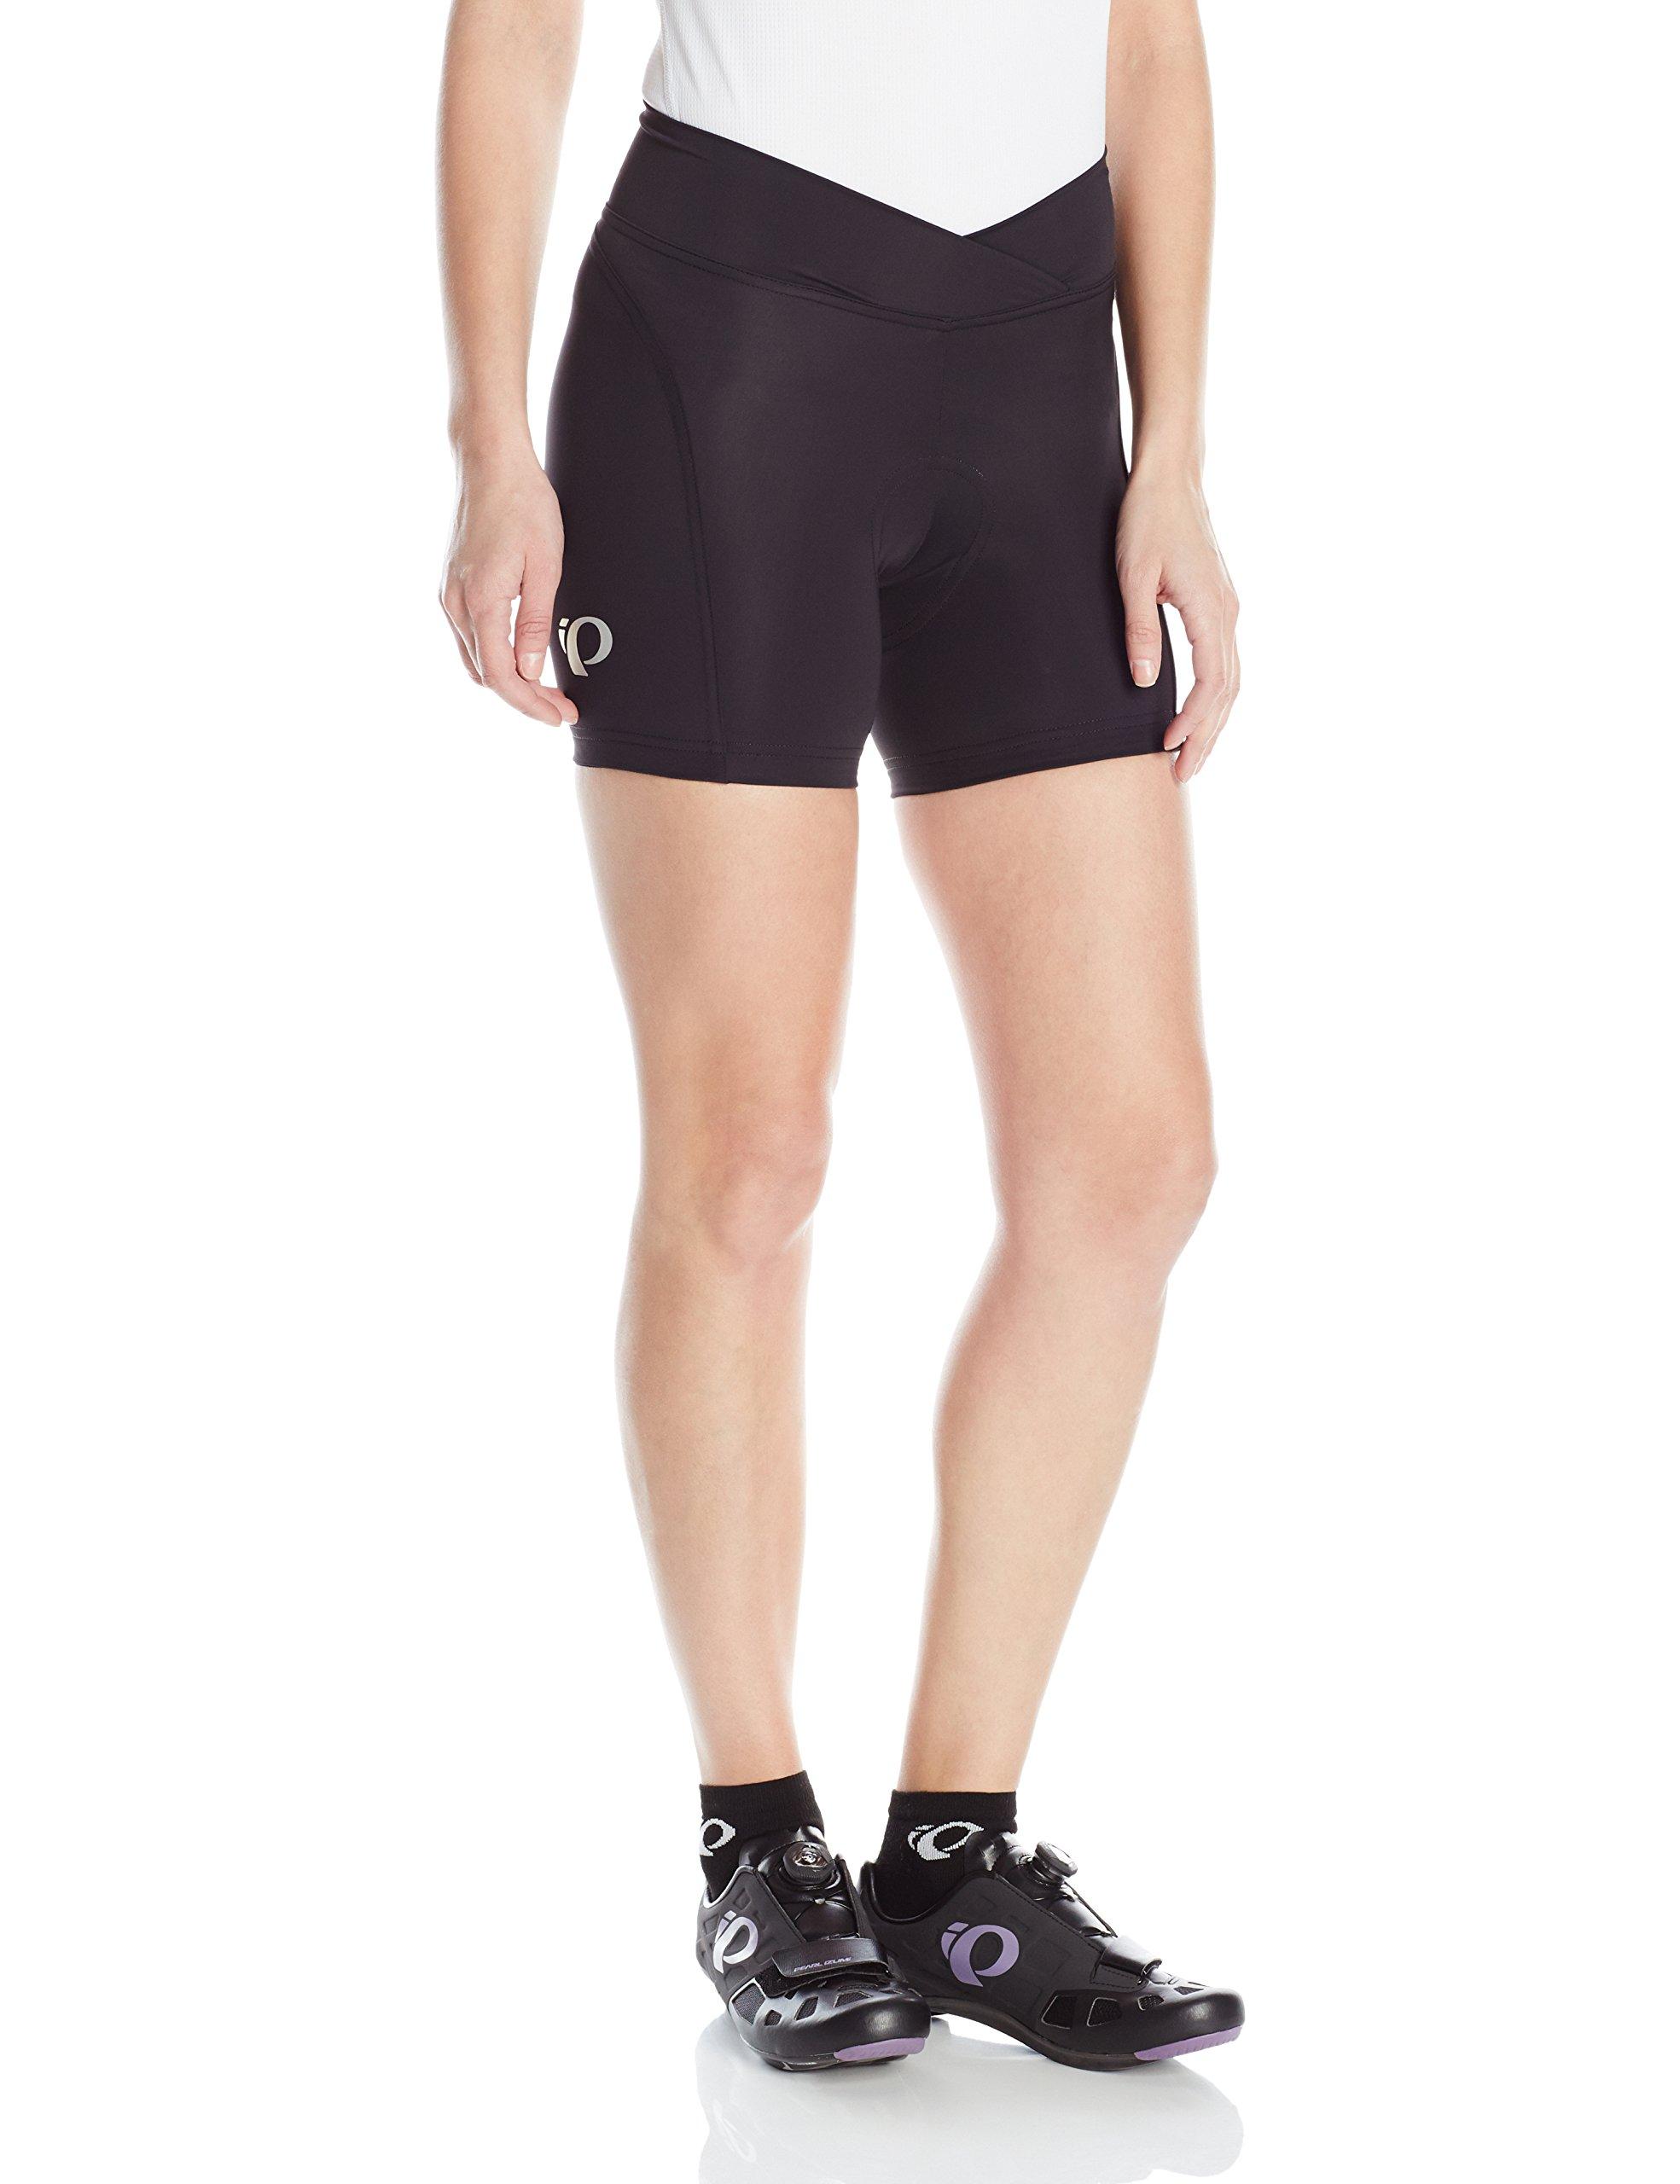 Pearl Izumi - Ride Women's Elite Escape Cut Shorts, Black, X-Small